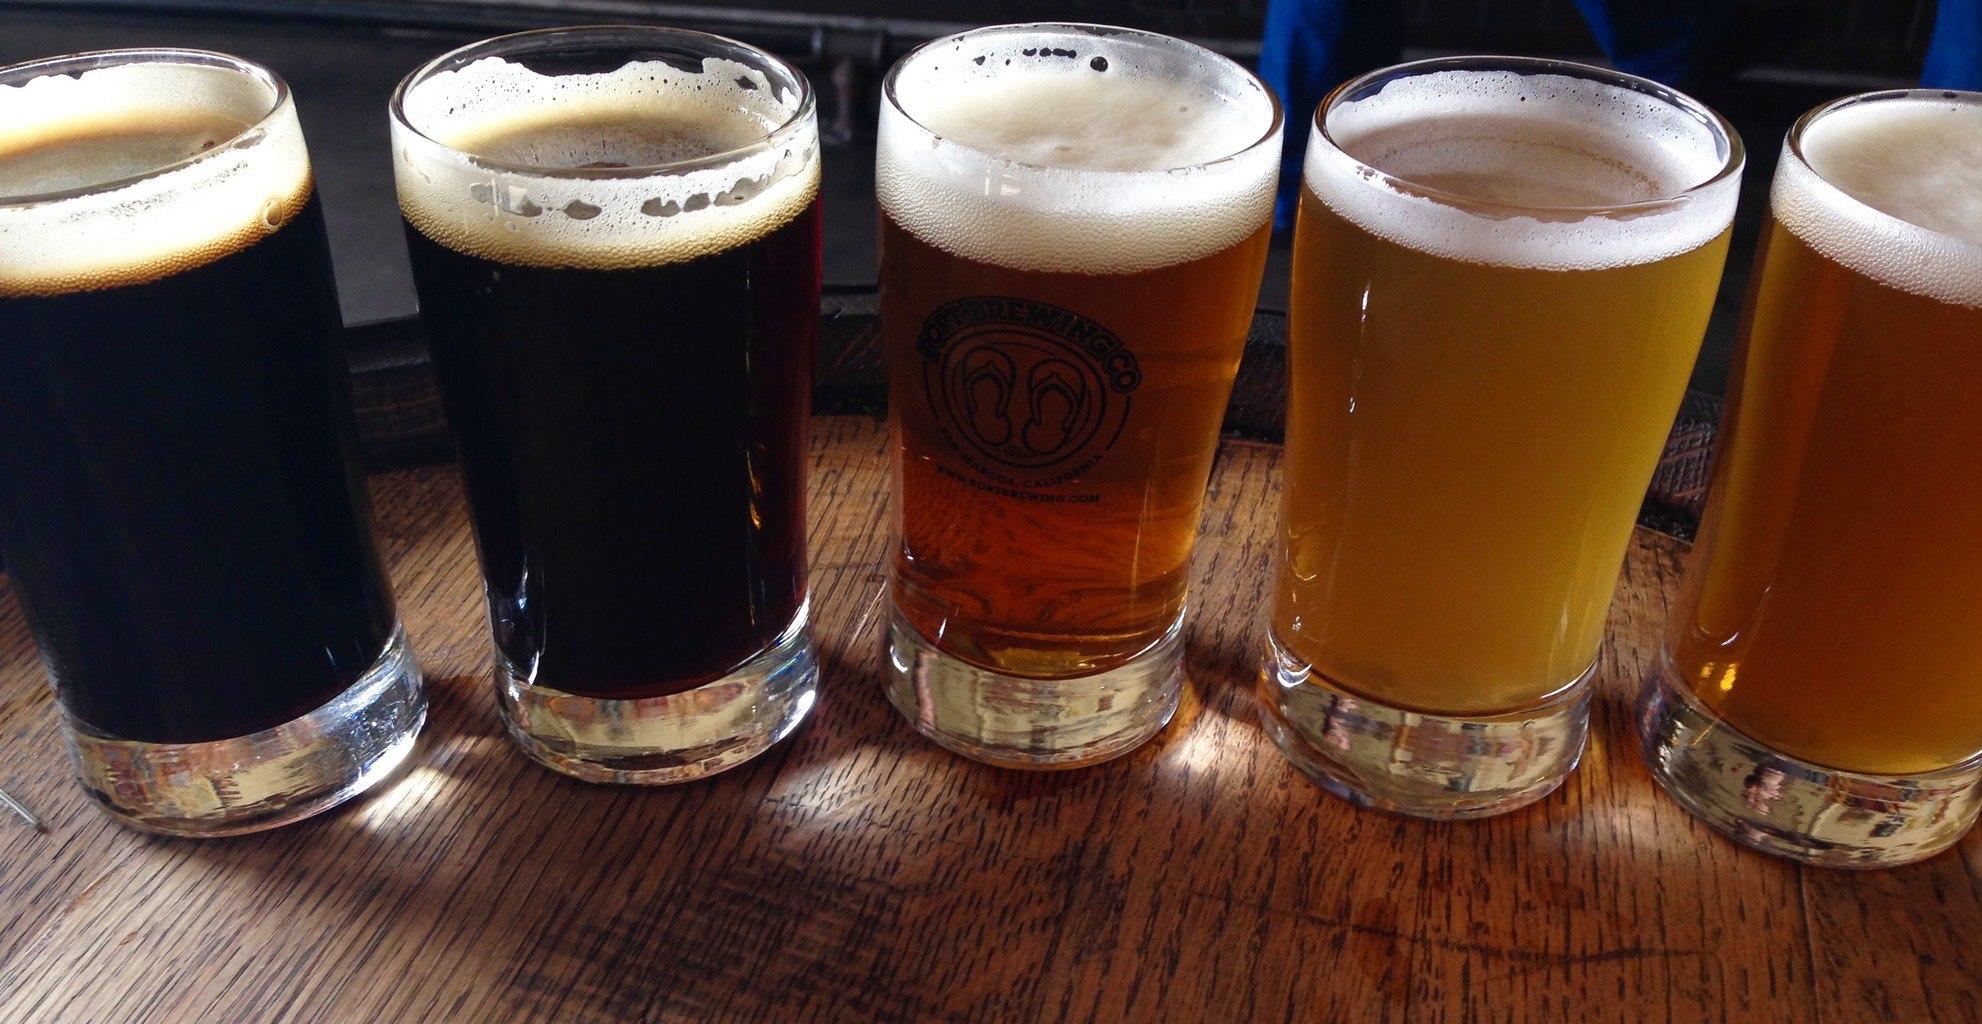 Lost Abbey-San-Diego-Brewing-Port-Brewing.jpg